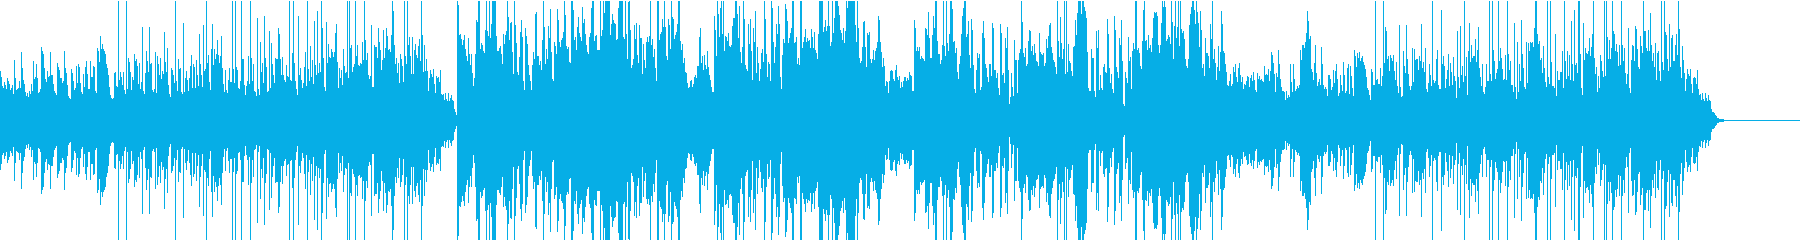 美しいハープのBGMの再生済みの波形